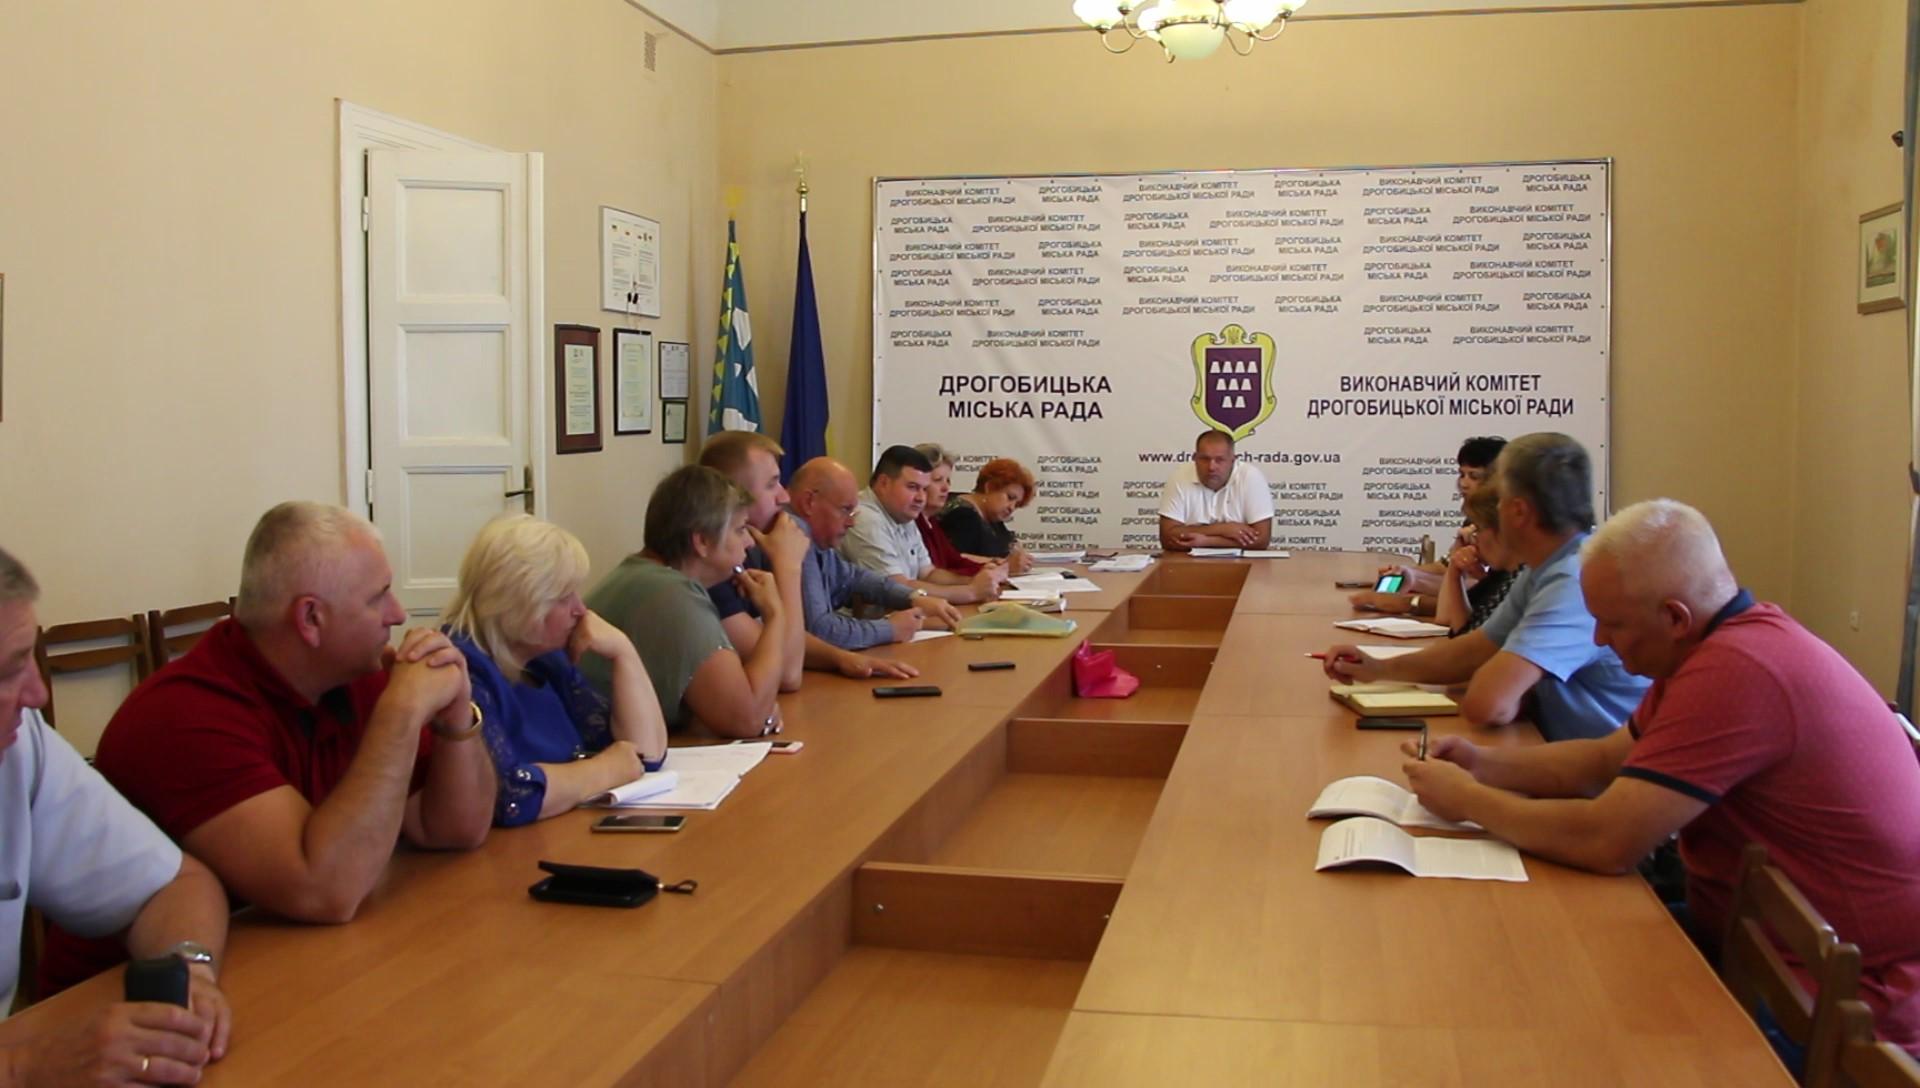 У Дрогобичі розпочинають підготовку до переходу начальних закладів на автономізацію